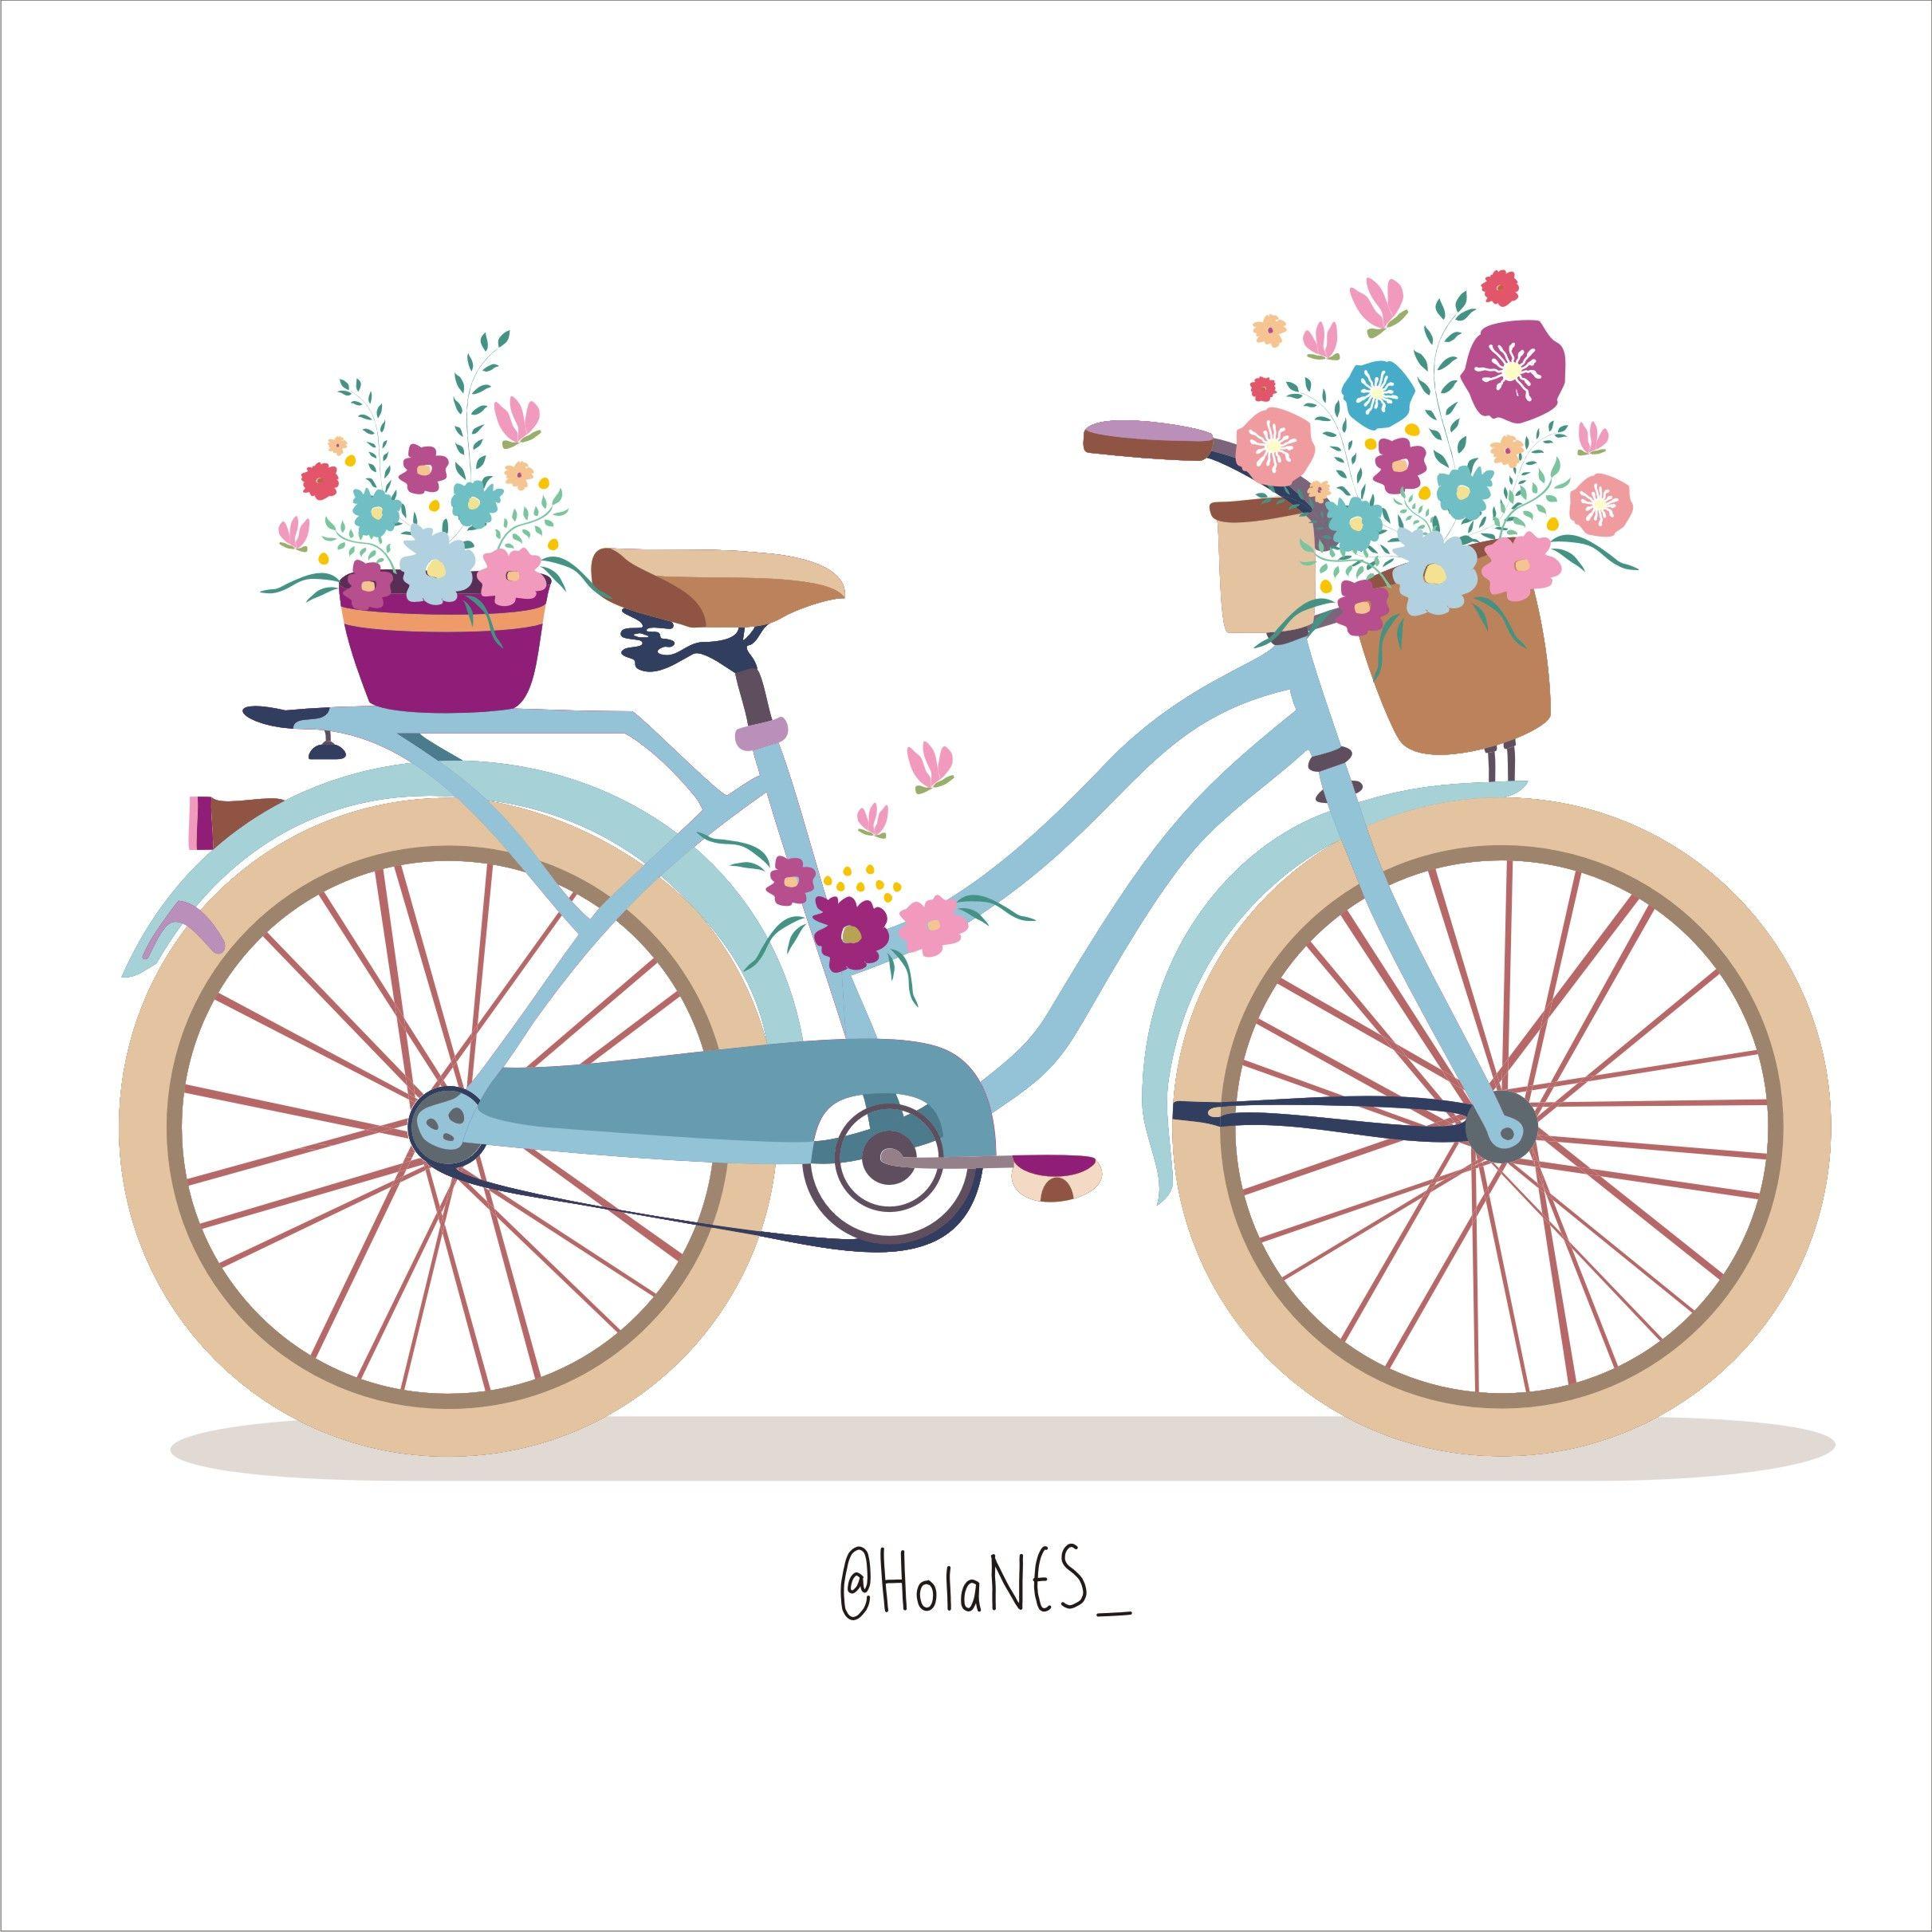 Велосипед картинка для скрапбукинга